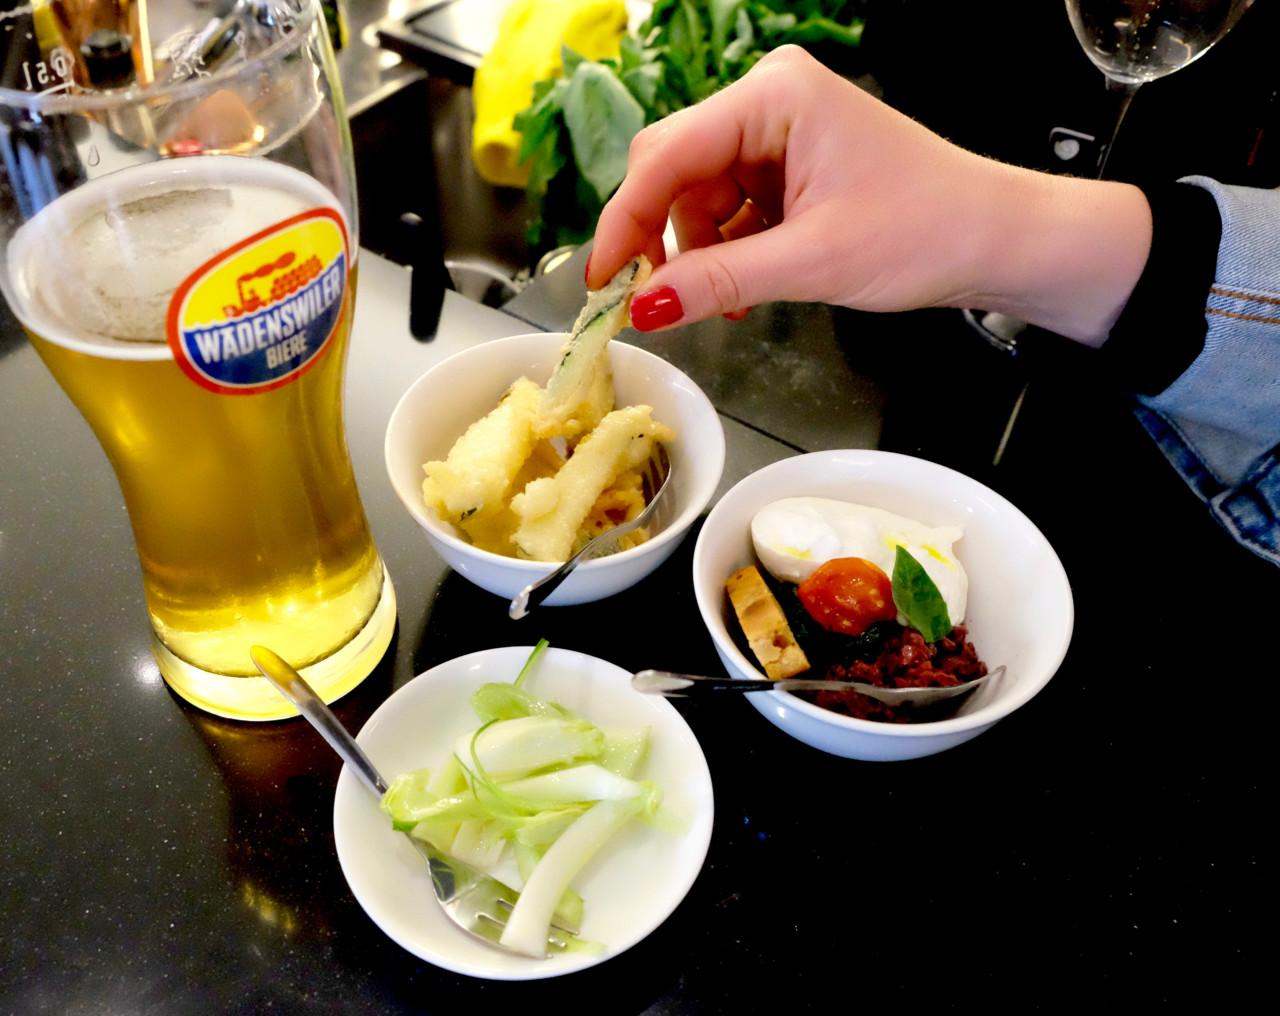 Feine Häppchen: Luftig frittierte Zucchini, knackiges Fenchelgemüse und cremige Burrata auf Krautstiel und Taggiasche Oliven. Und dazu gibt's hier frischgezapftes Wädibrau!